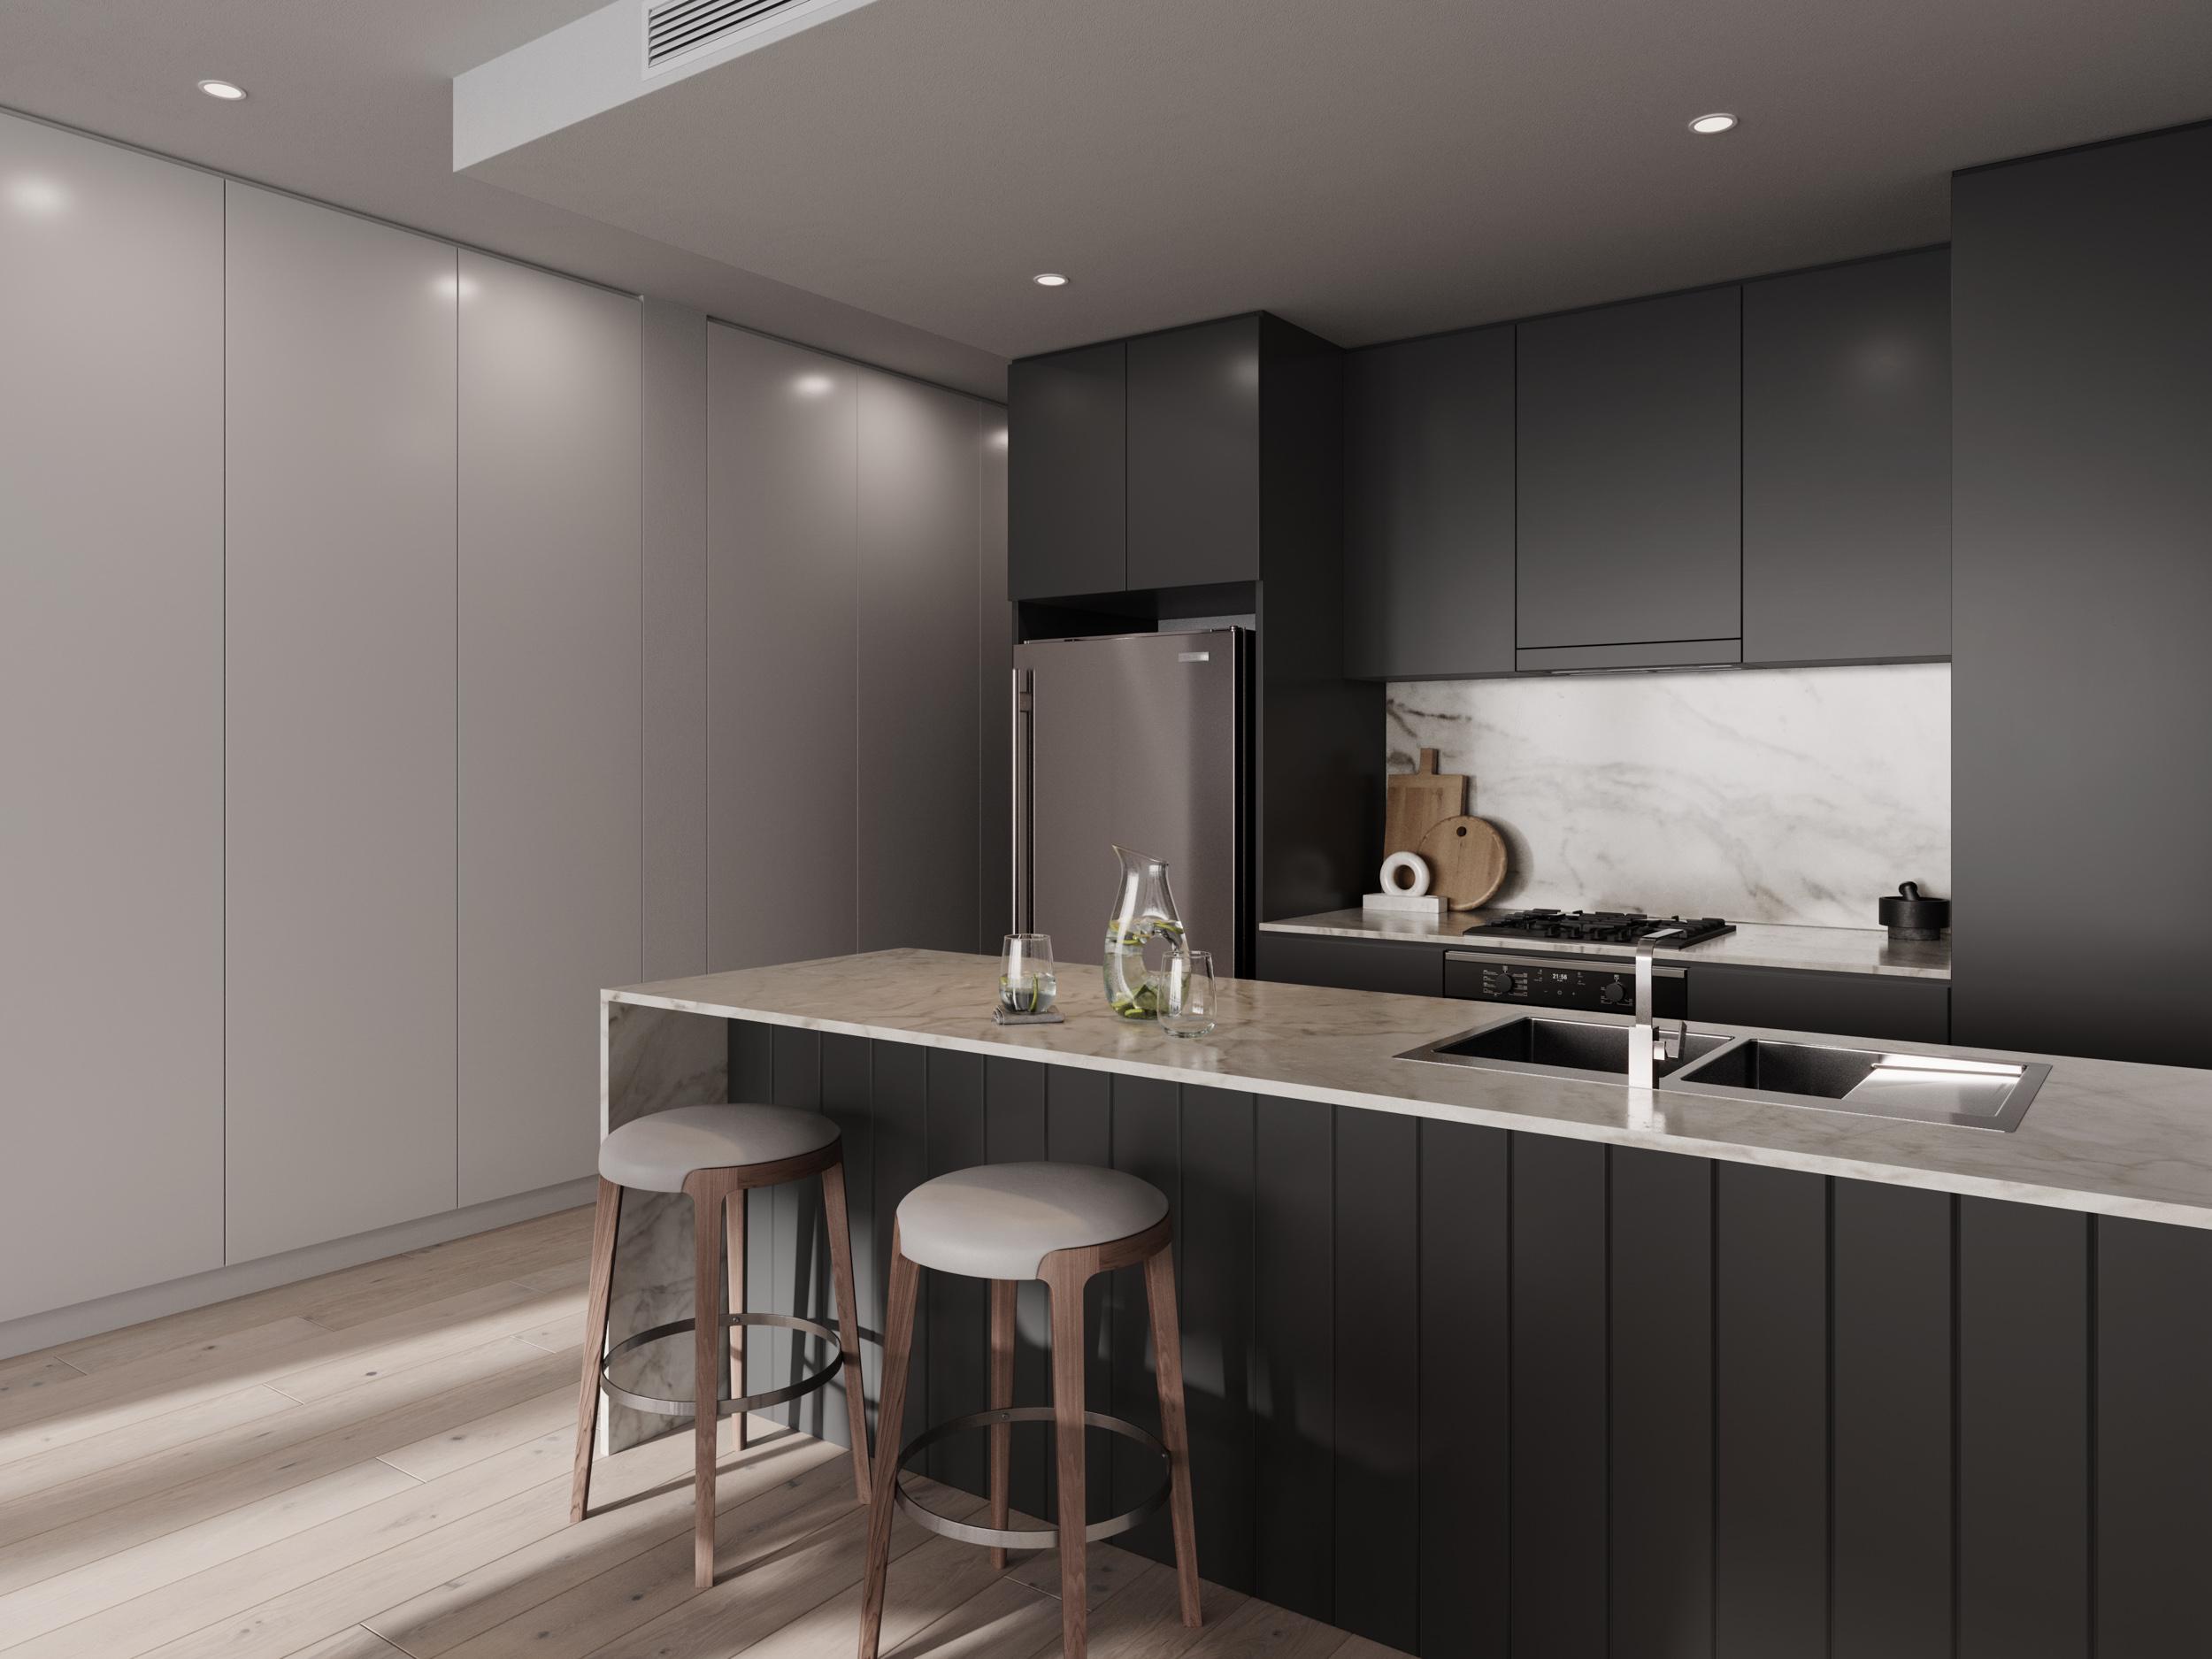 George St Kitchen Dark Scheme Fix -JPG (lower resolution for email use only)